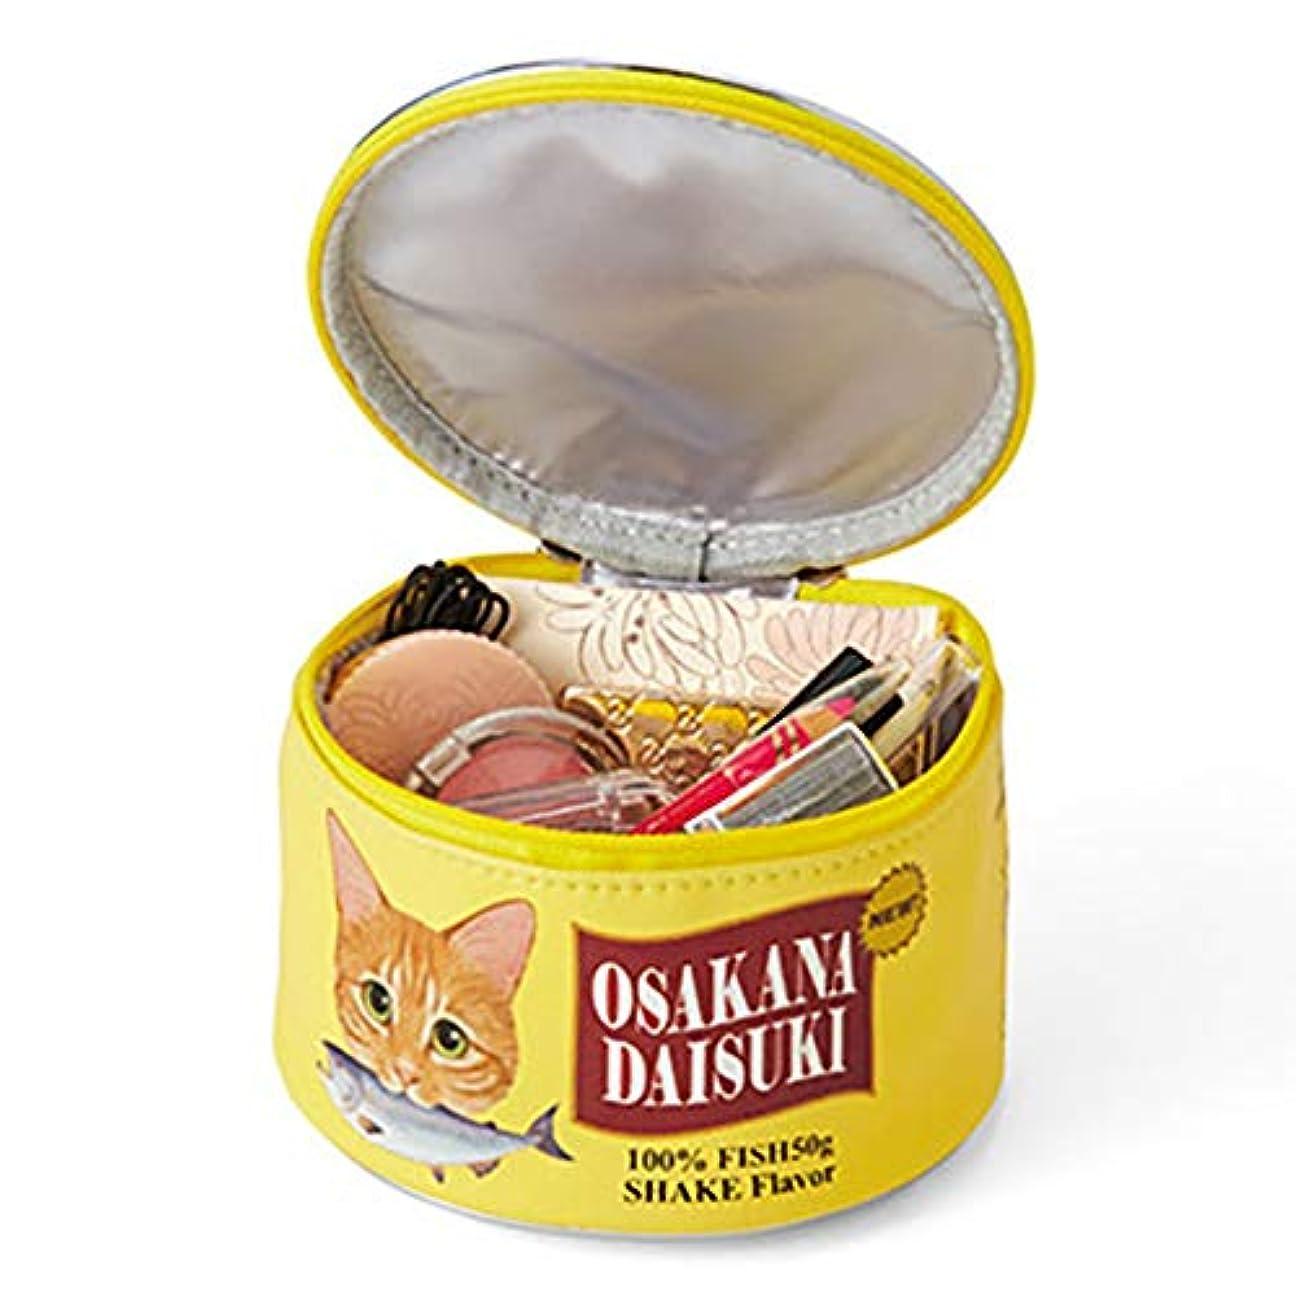 生き残り批判する合理化YIGO 化粧ポーチ 猫 ねこ 魚の缶詰 設計 可愛い メイクポーチ バッグ 化粧バッグ 財布 大容量 化粧品収納 小物入れ おしゃれ イエロー